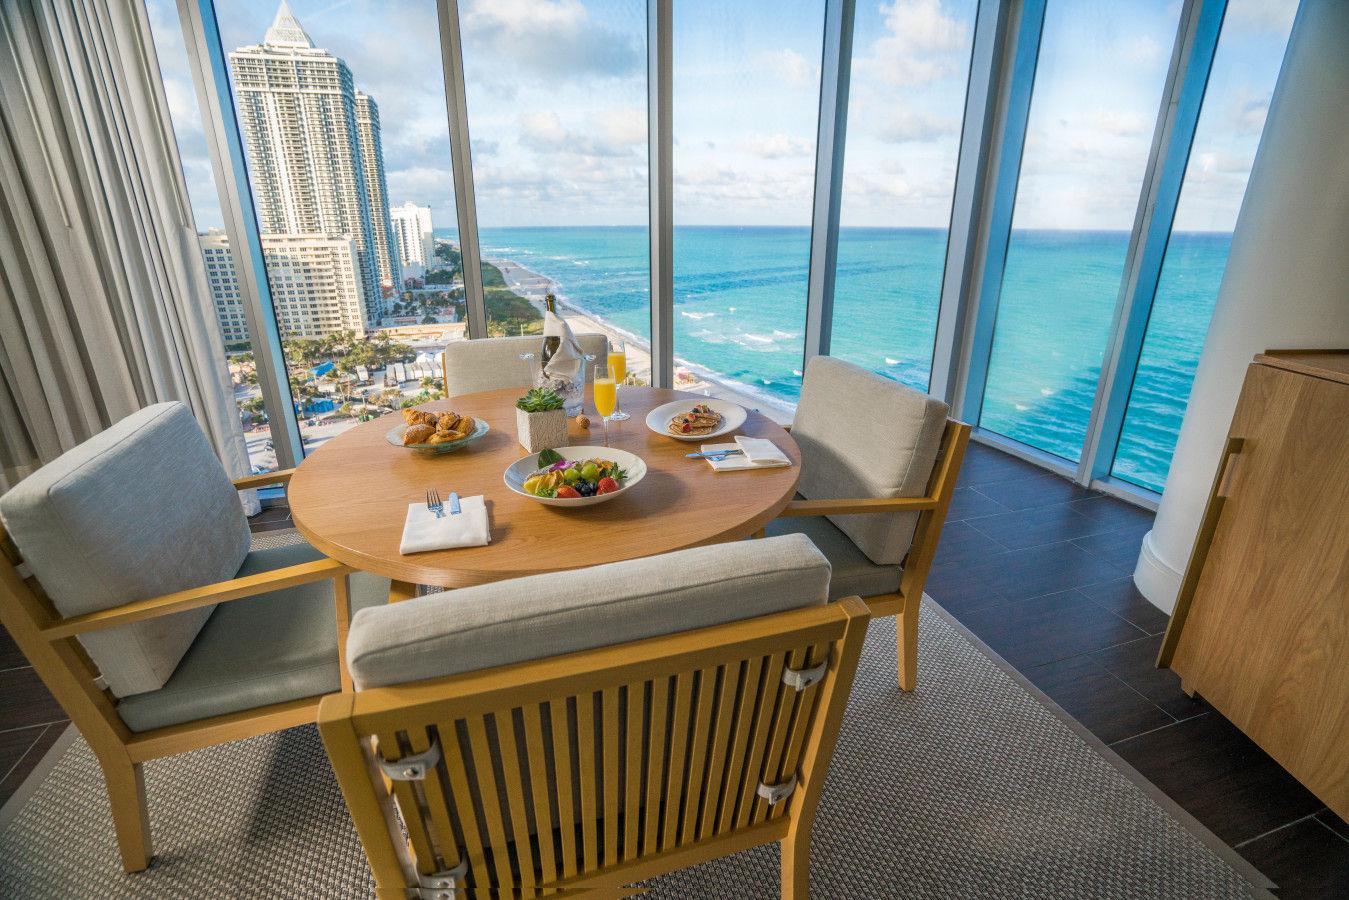 Люкс с одной или двумя спальнями на берегу океана - Eden Roc Miami Beach